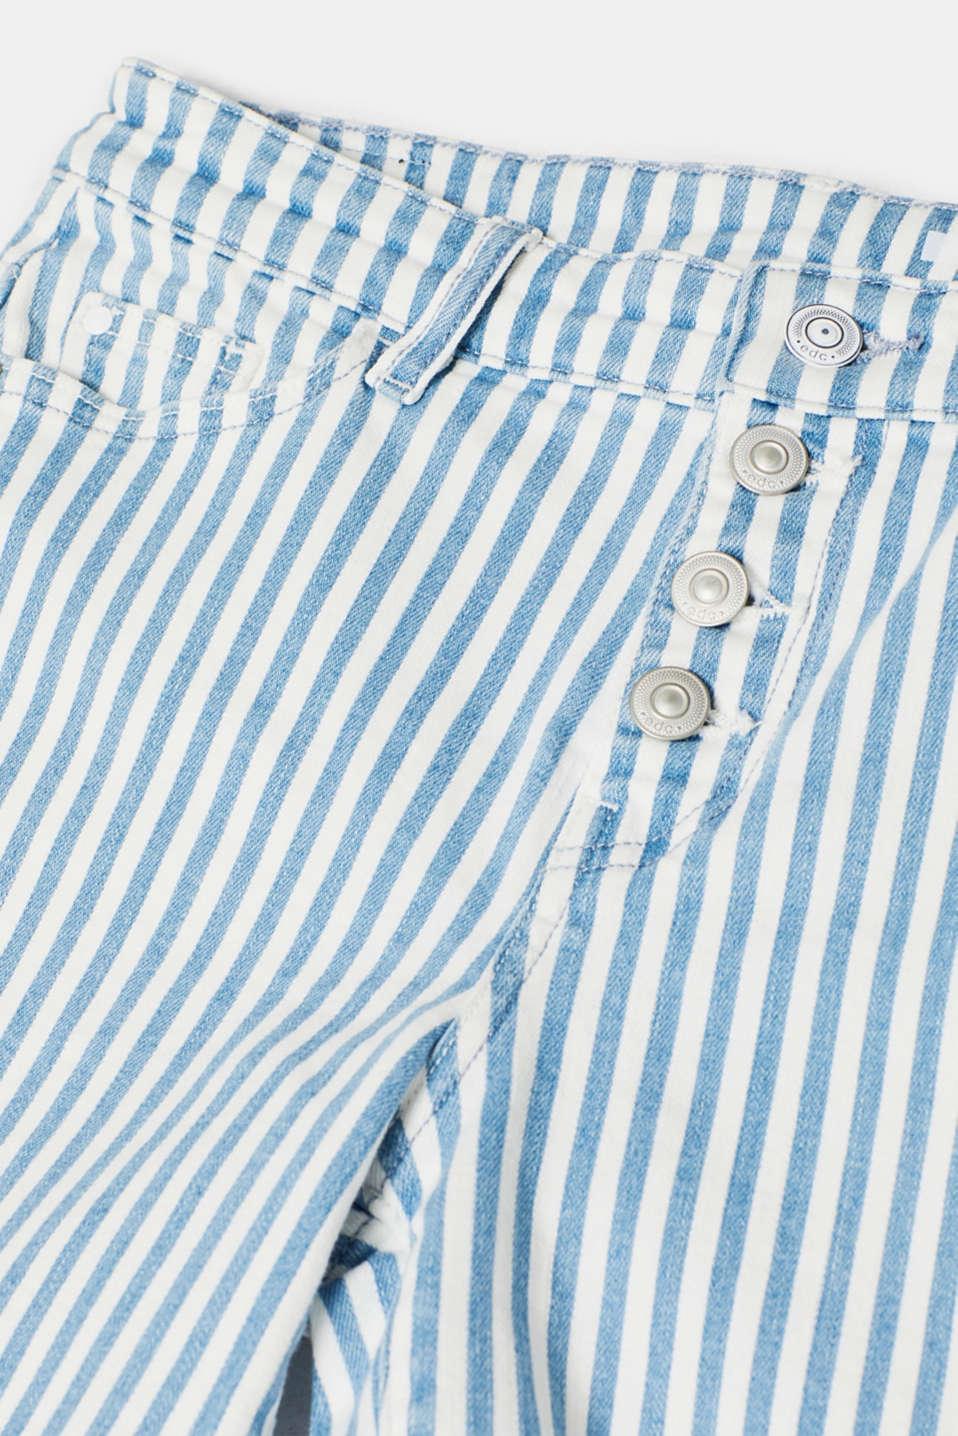 Shorts denim, BLUE LIGHT WASH, detail image number 4